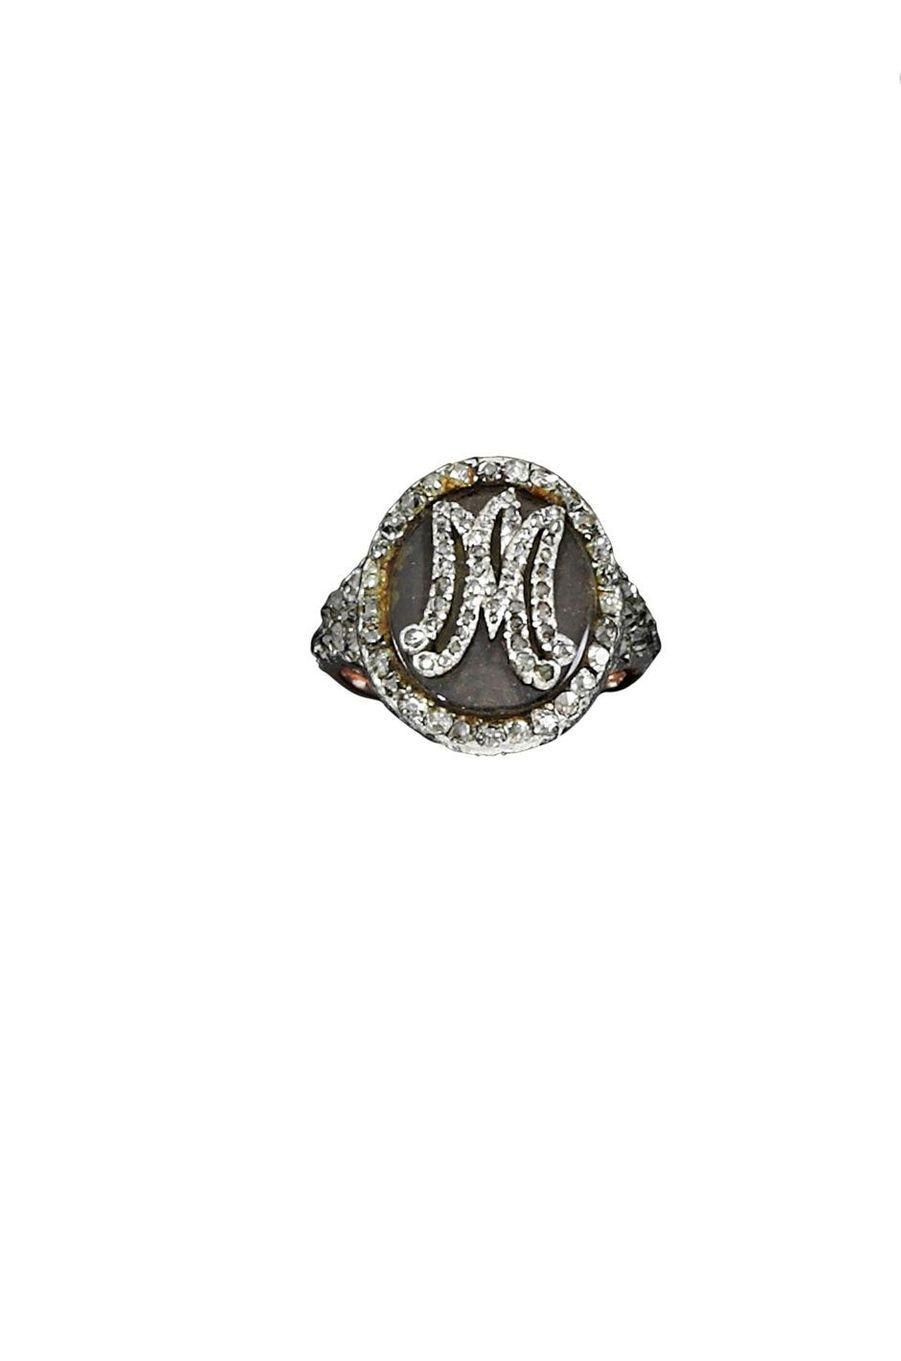 Bijoux de Marie-Antoinette : bijou posthume, une bague en diamants portant les initiales MA et renfermant une mèche des cheveux de la reine